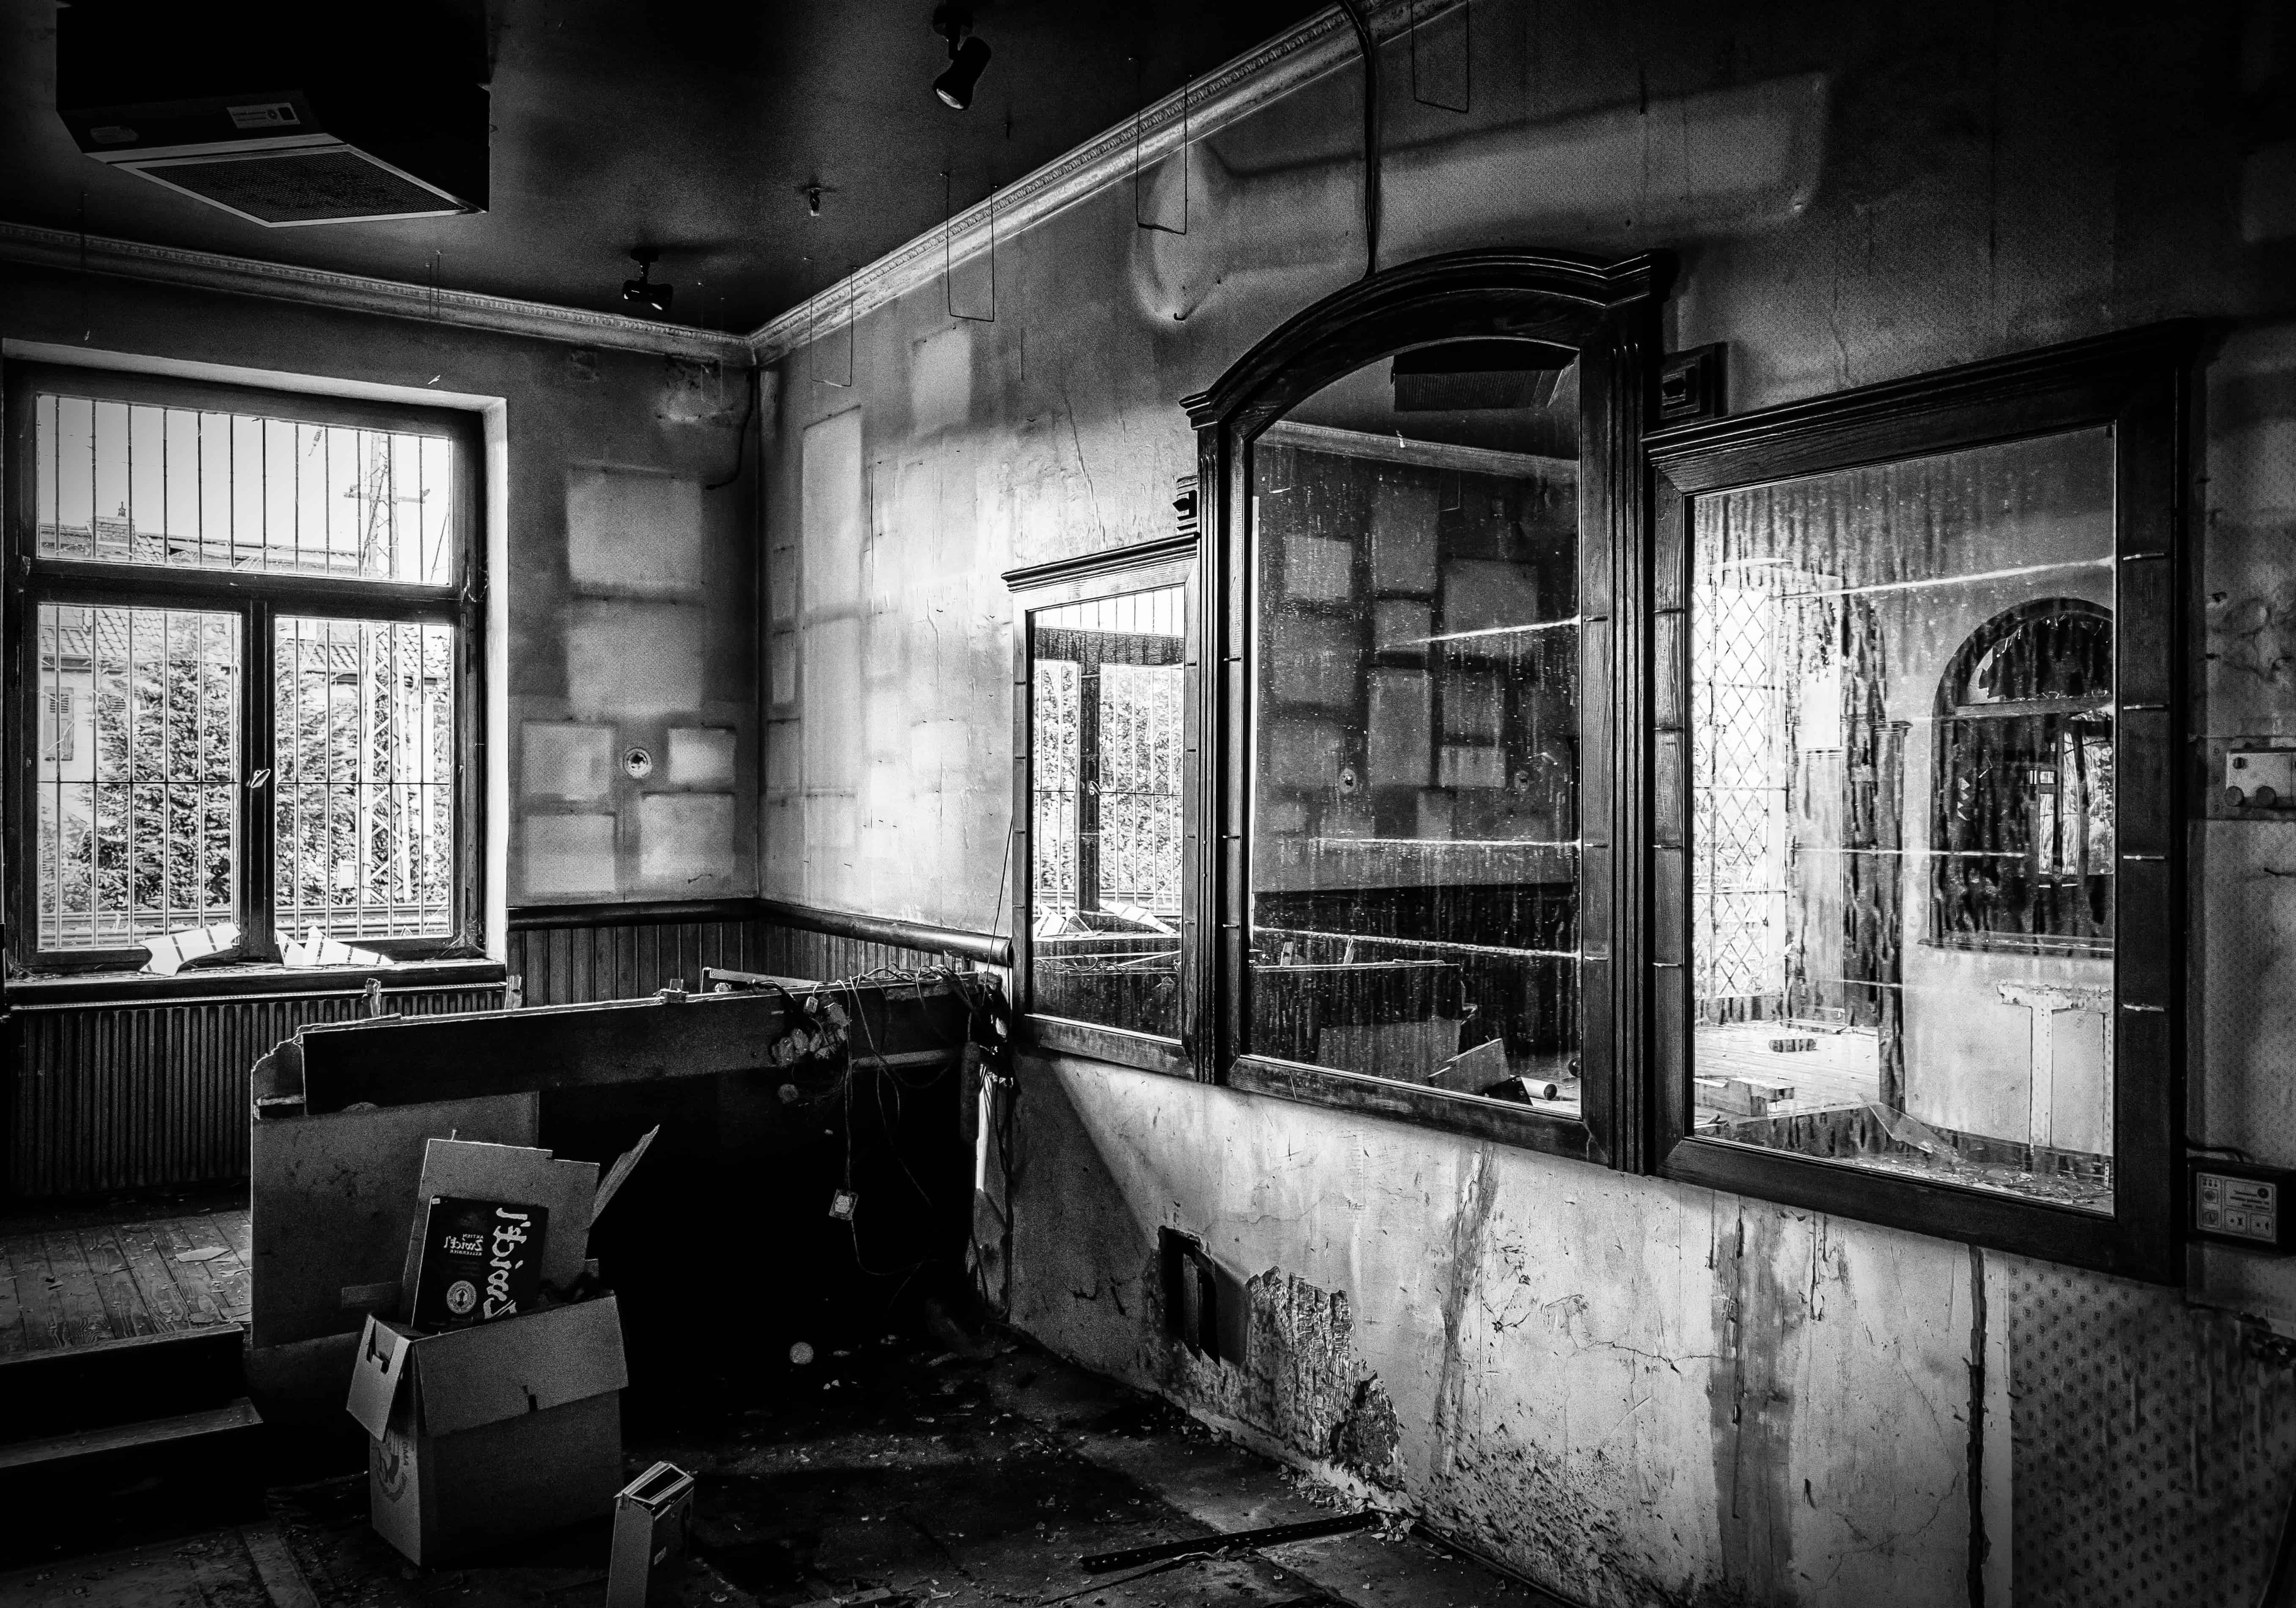 Image libre chambre fentre maison vieille monochrome architecture